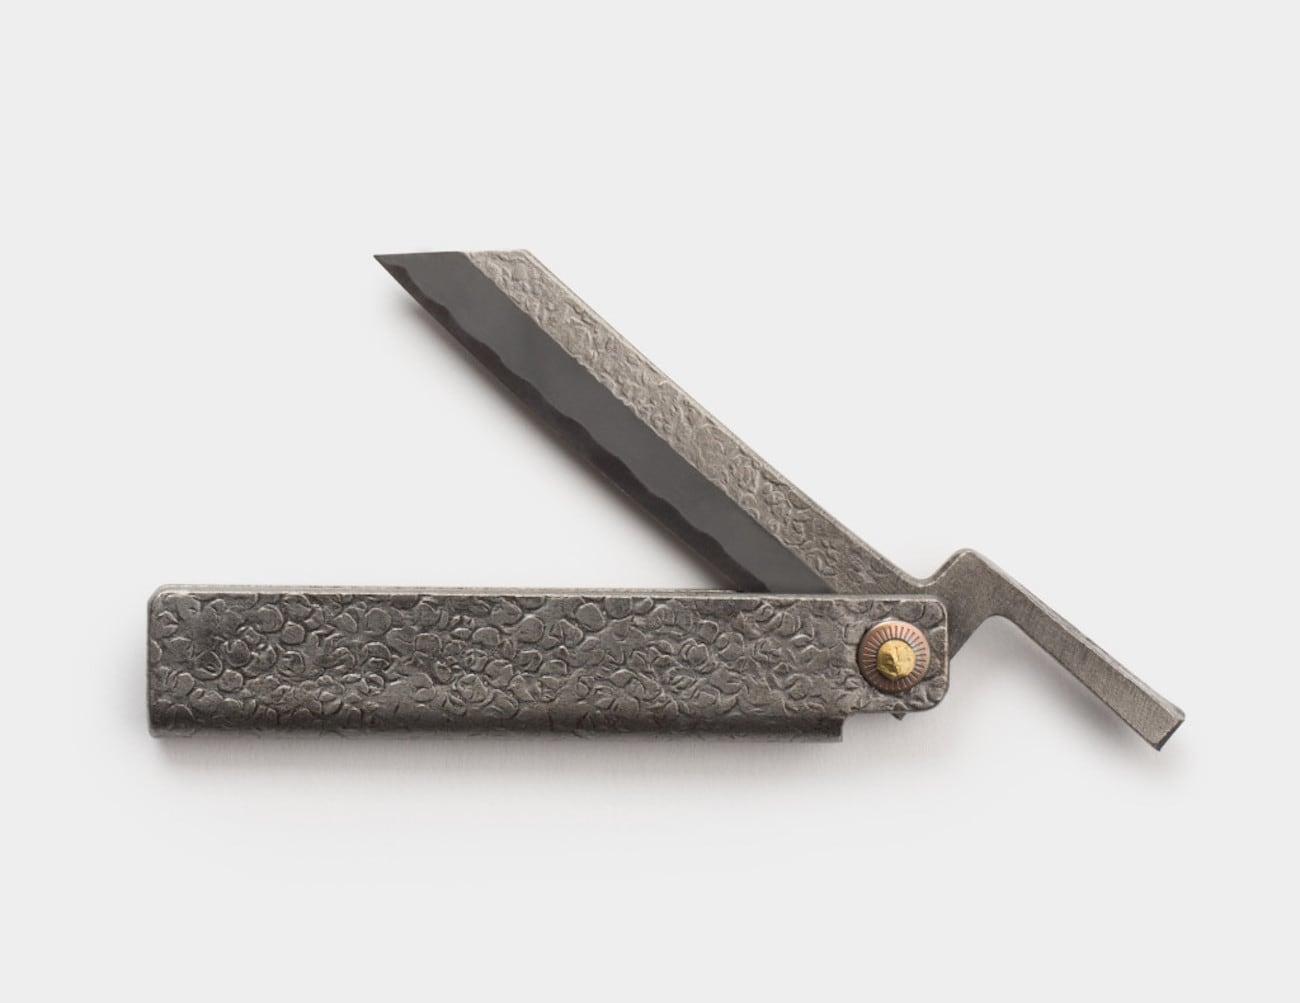 Sanjo Hammered Higo Knife